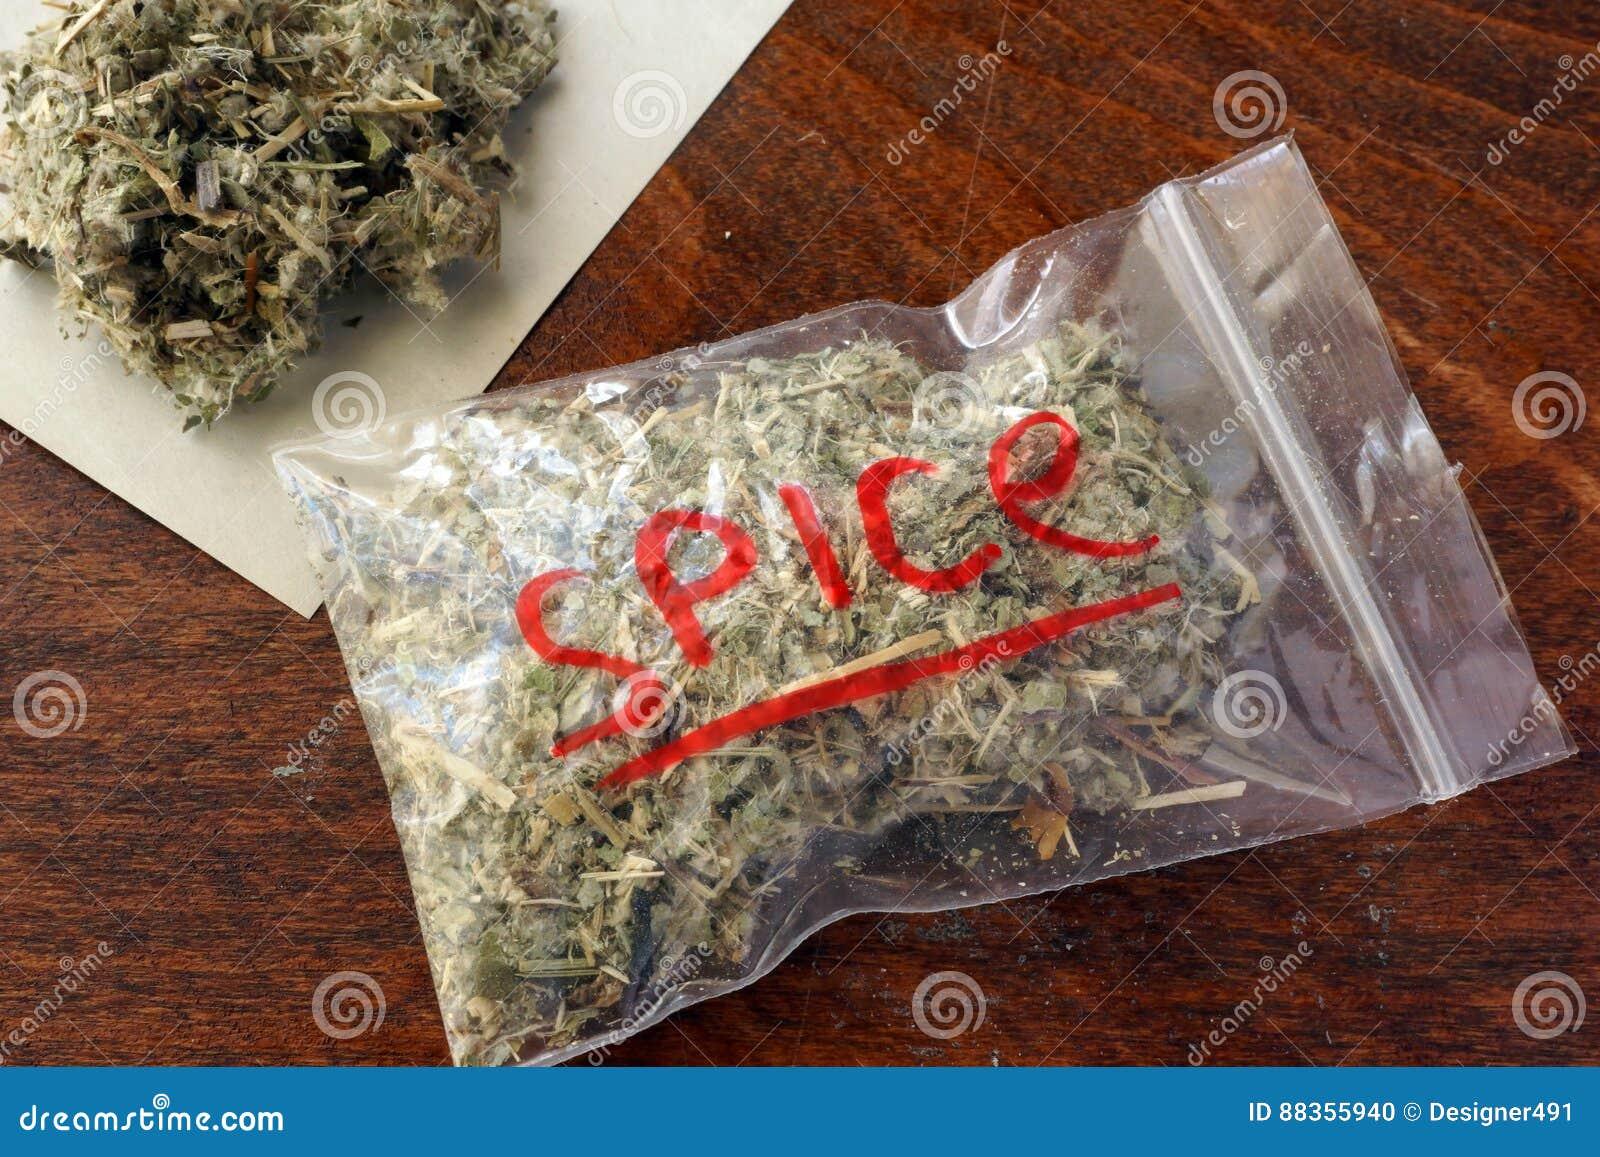 Пакет для марихуаны мутация марихуаны